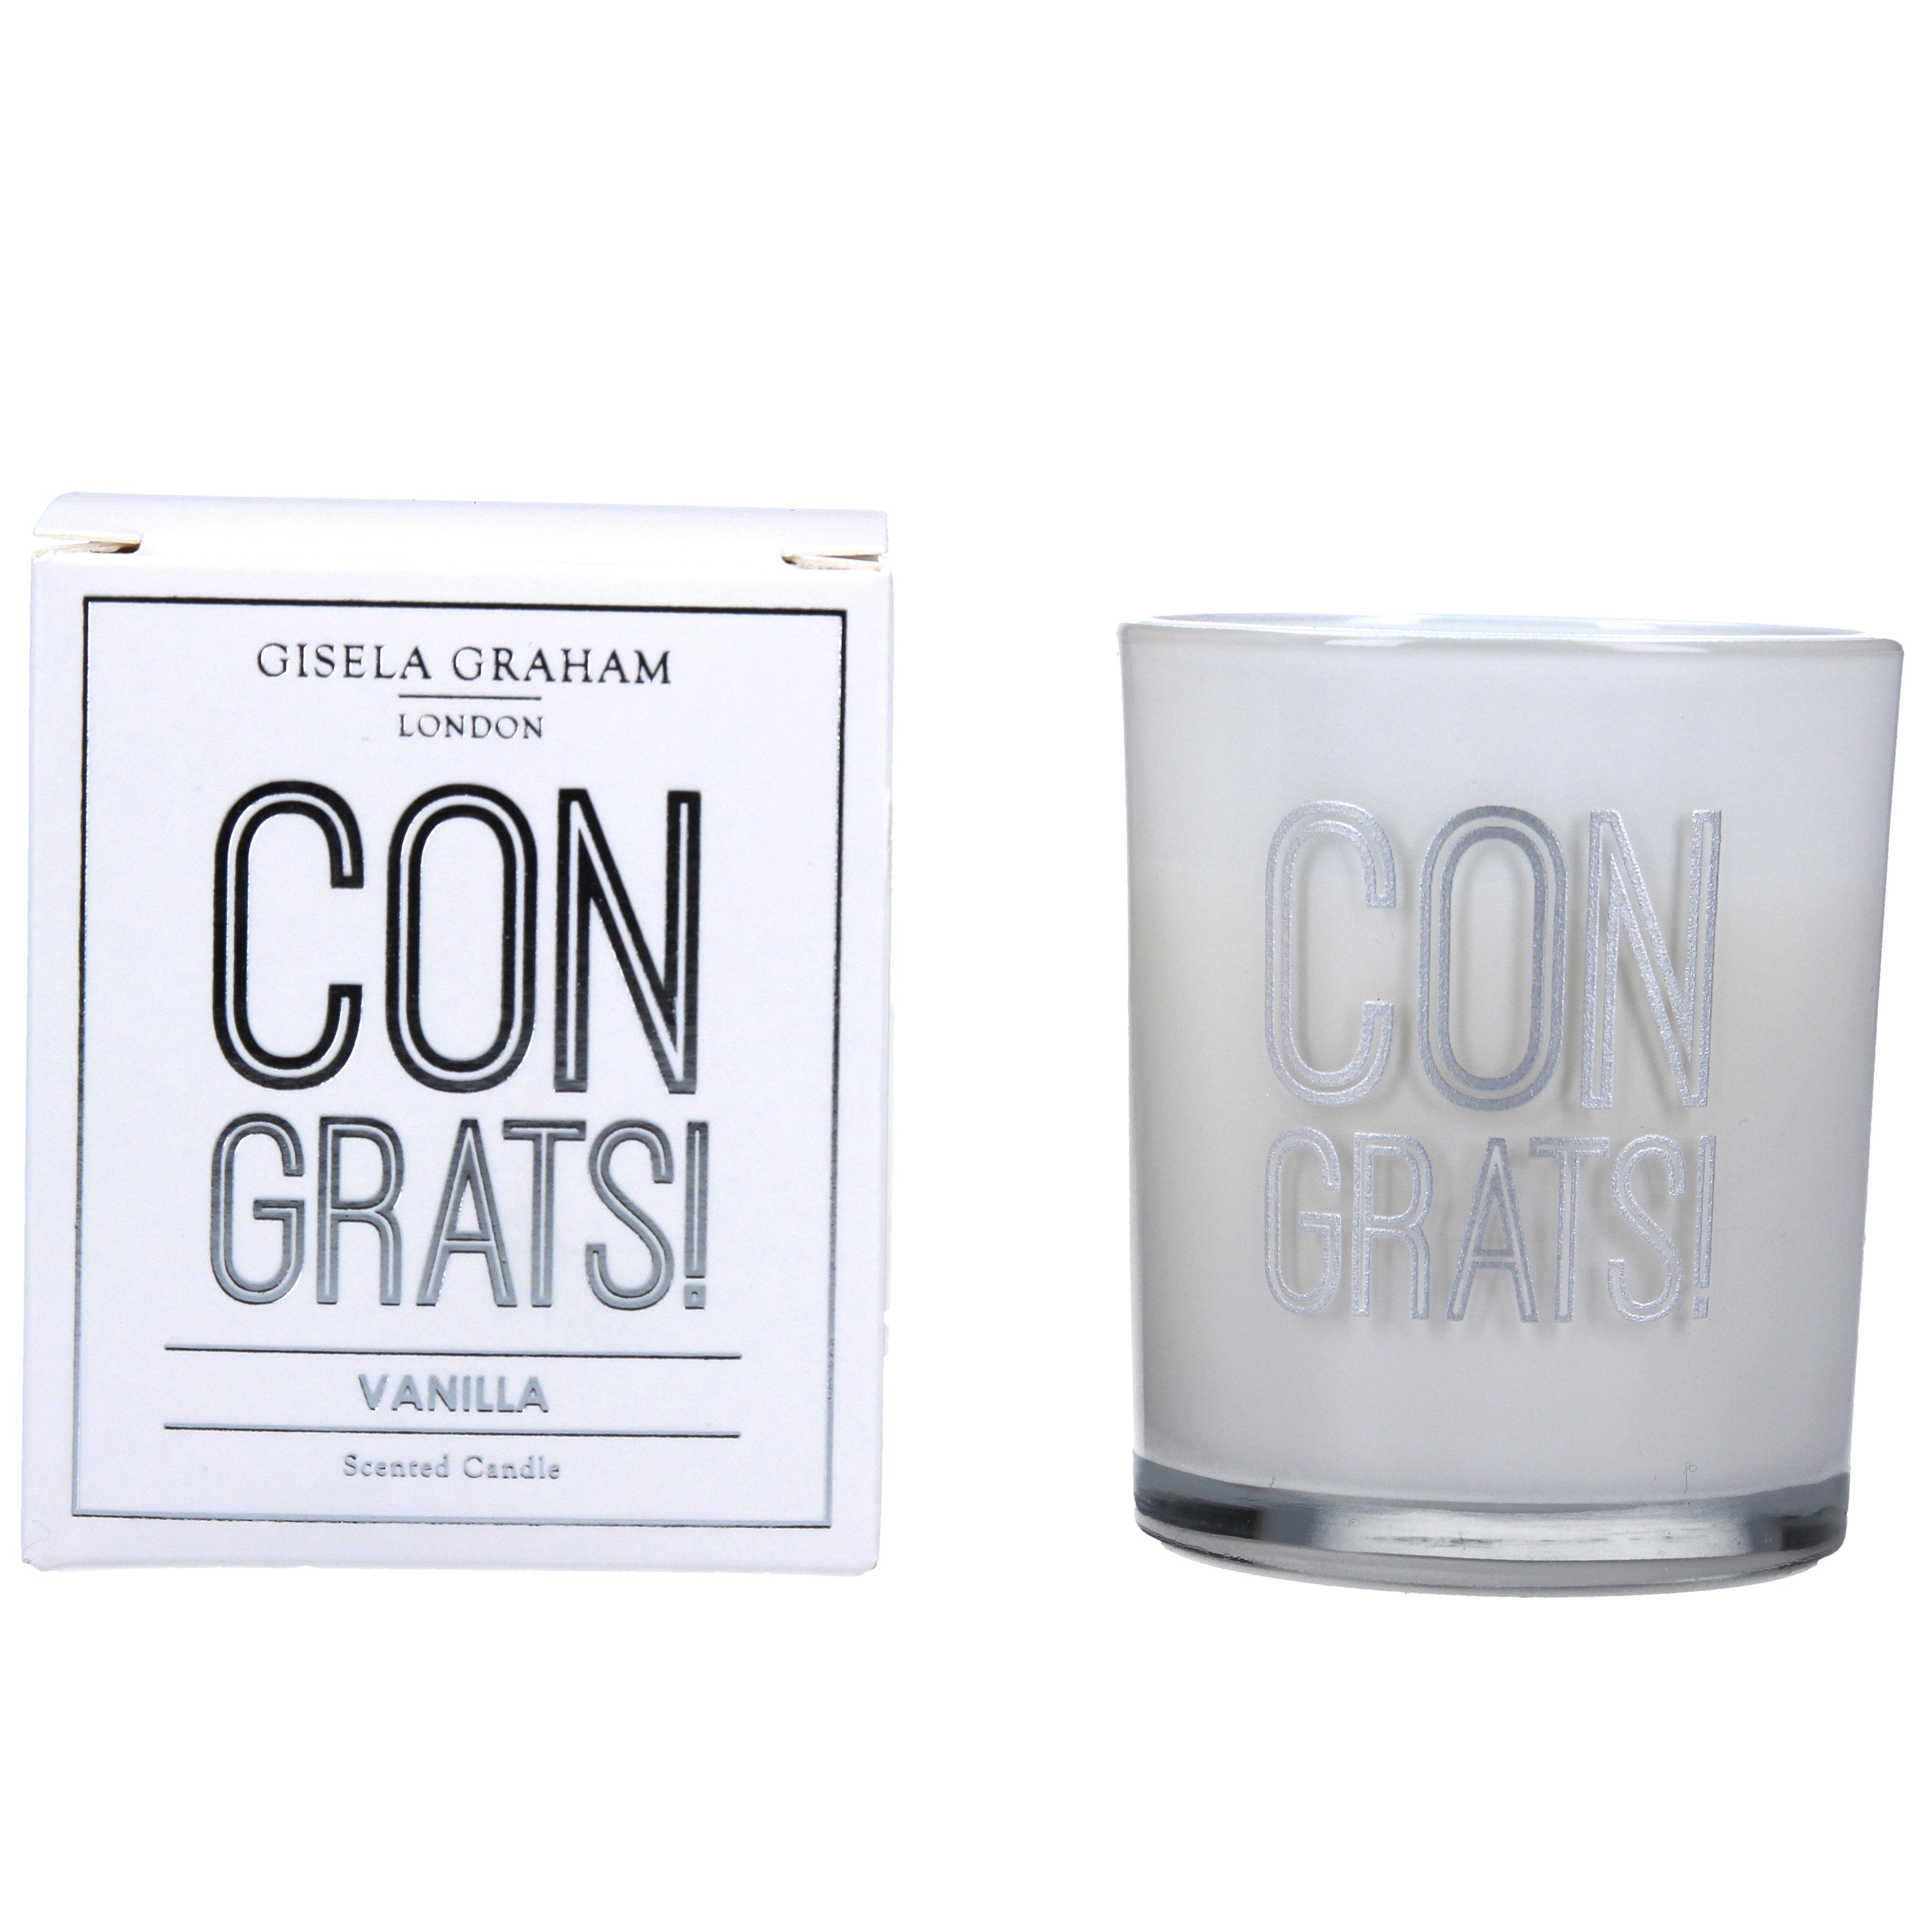 Gisela Graham 'Congrats!' Candle